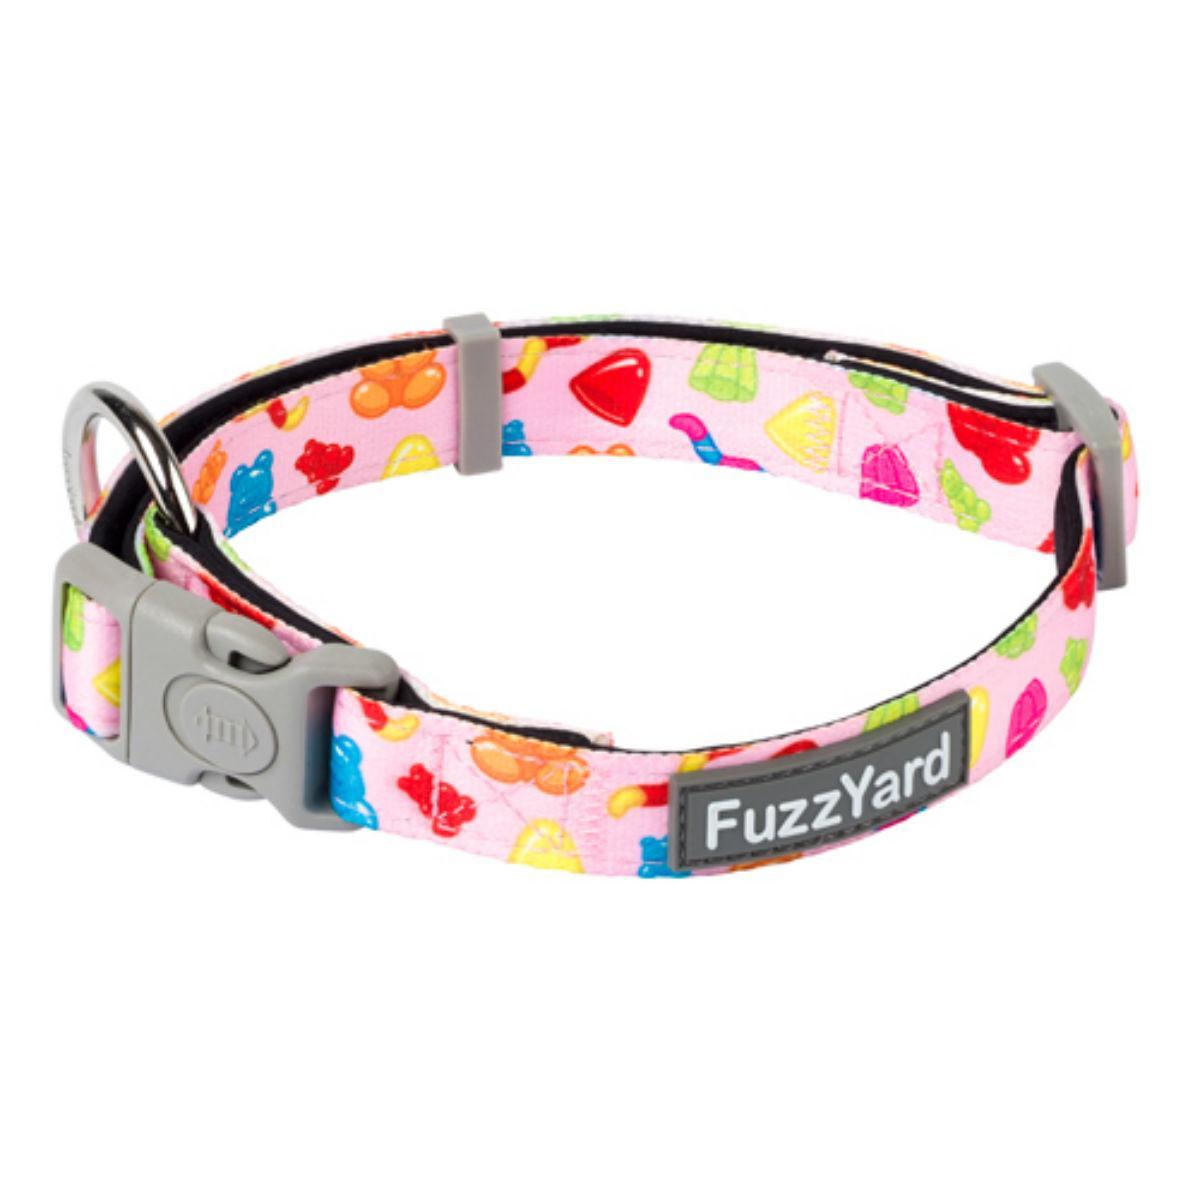 FuzzYard Jelly Bears Dog Collar